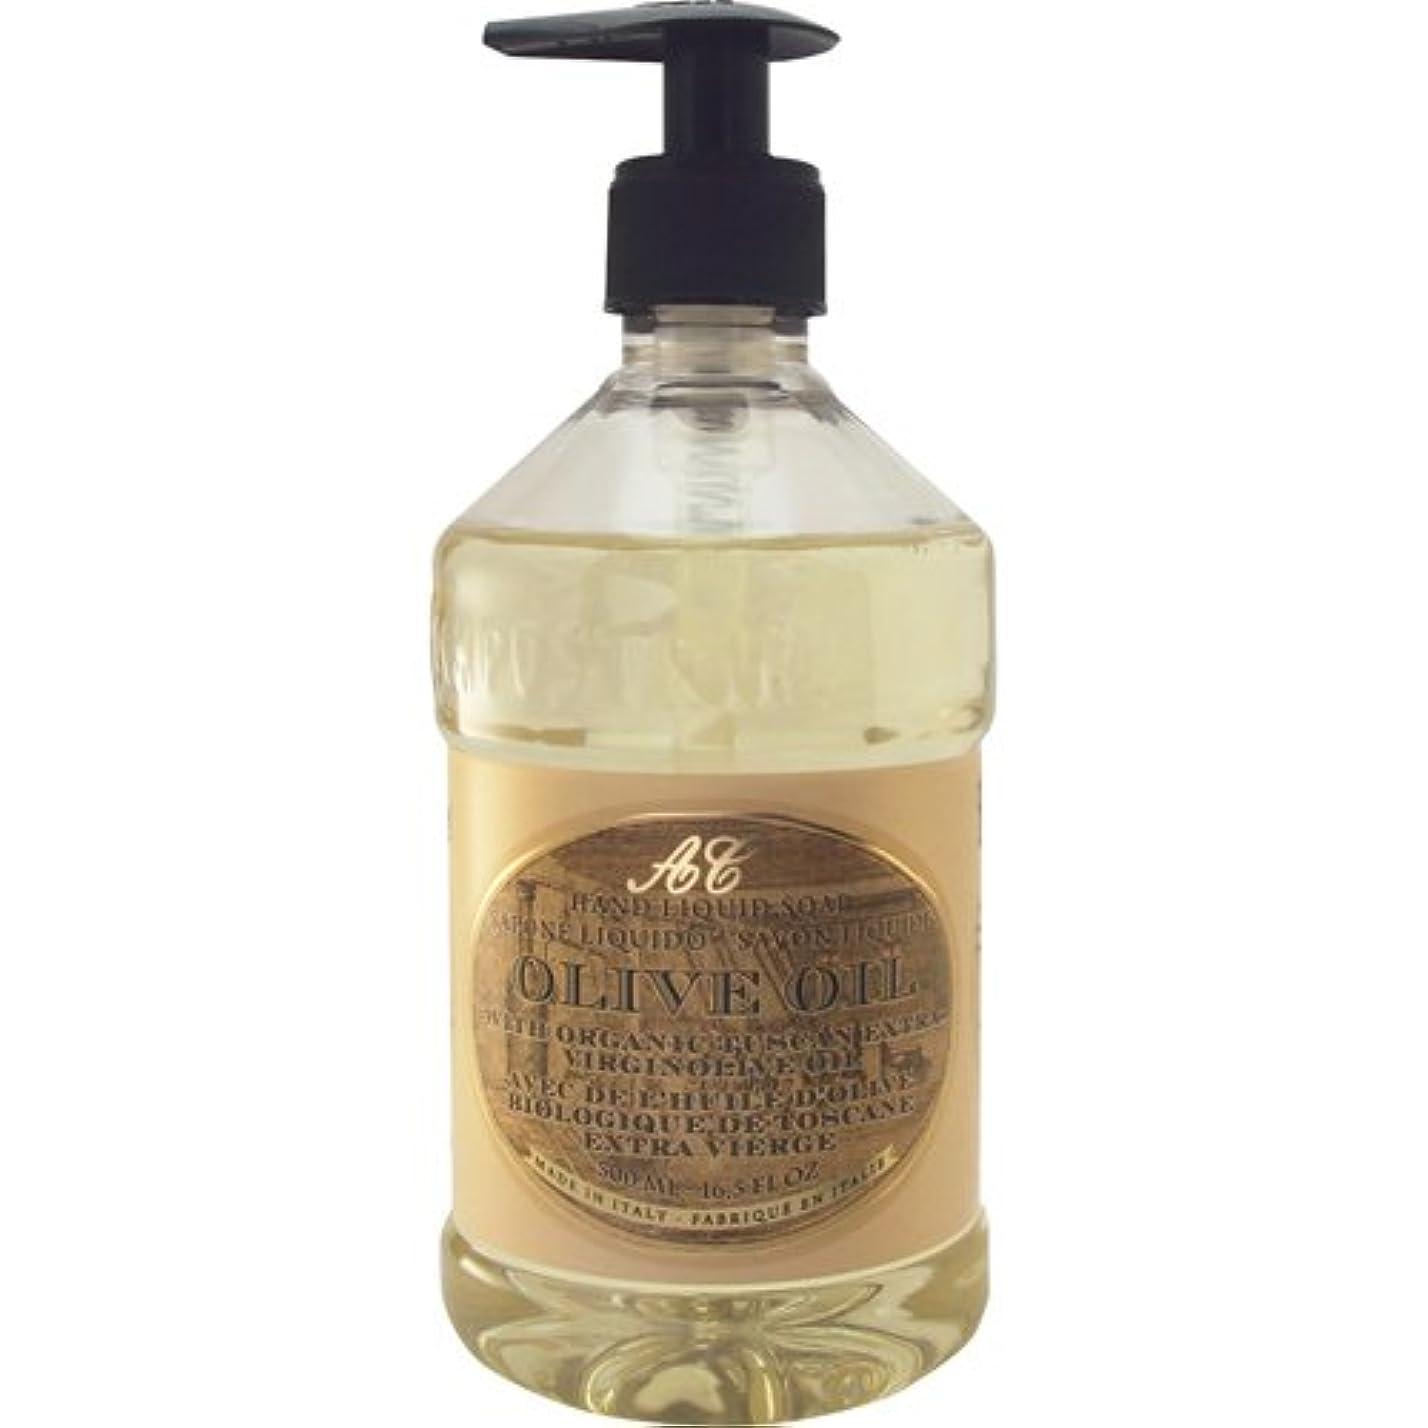 を必要としていますフレア要求するSaponerire Fissi レトロシリーズ Liquid Soap リキッドソープ 500ml Olive Oil オリーブオイル